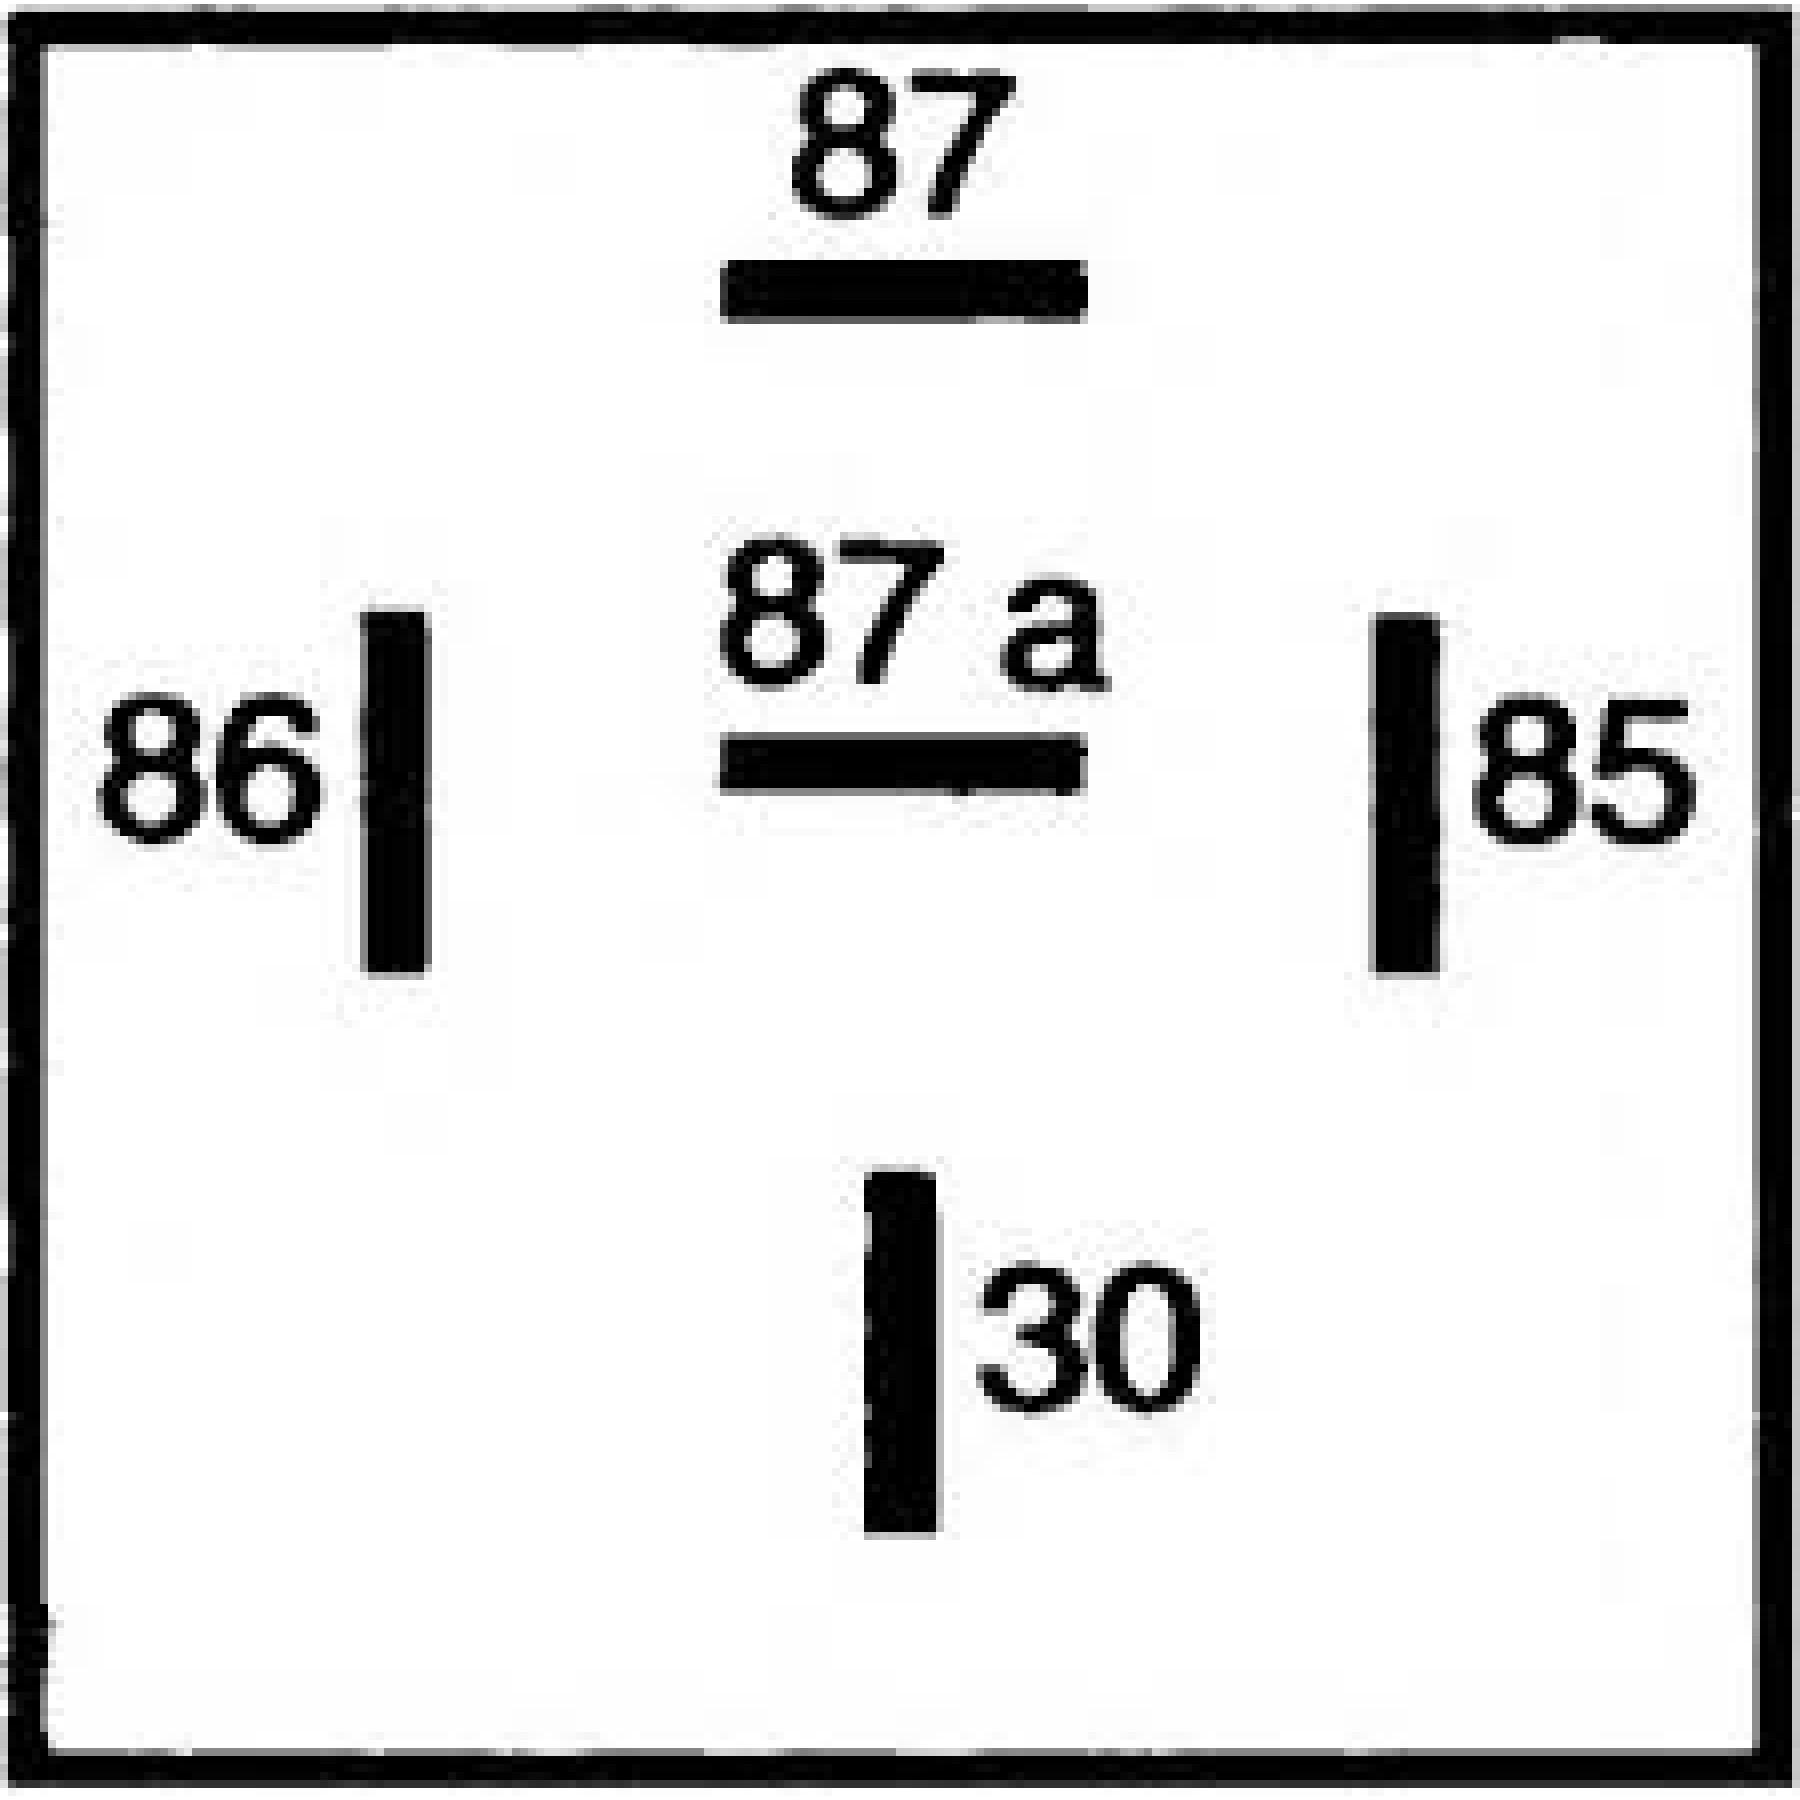 Relais 12v 5-polig wissel